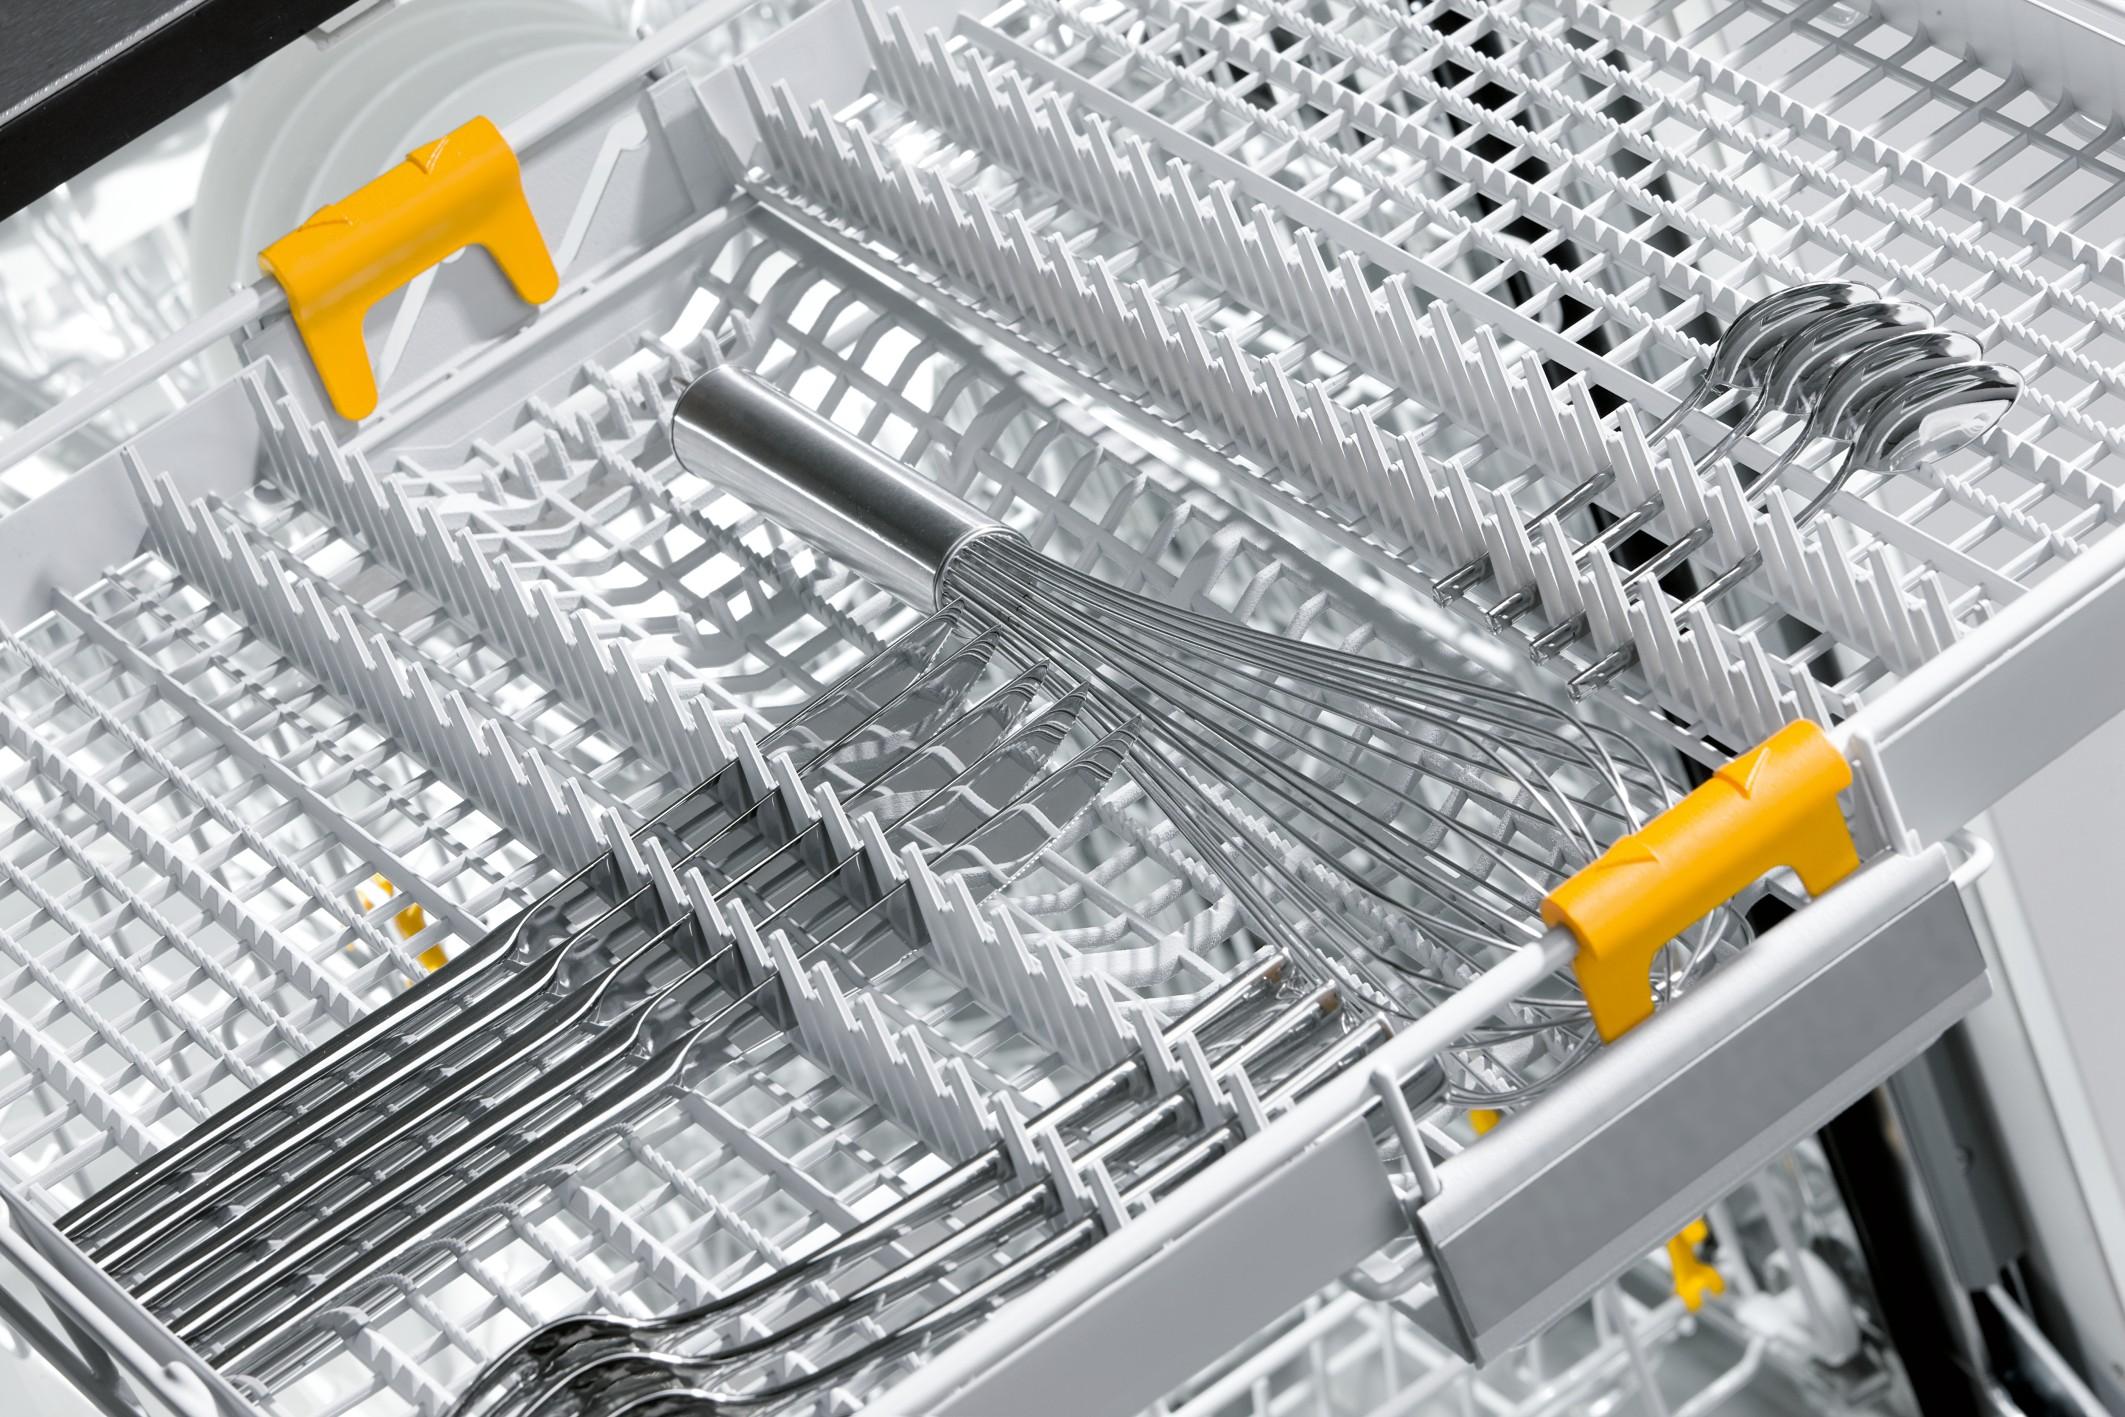 Miele geschirrspuler g 5000 besteckschublade detail for Geschirrspüler besteckschublade